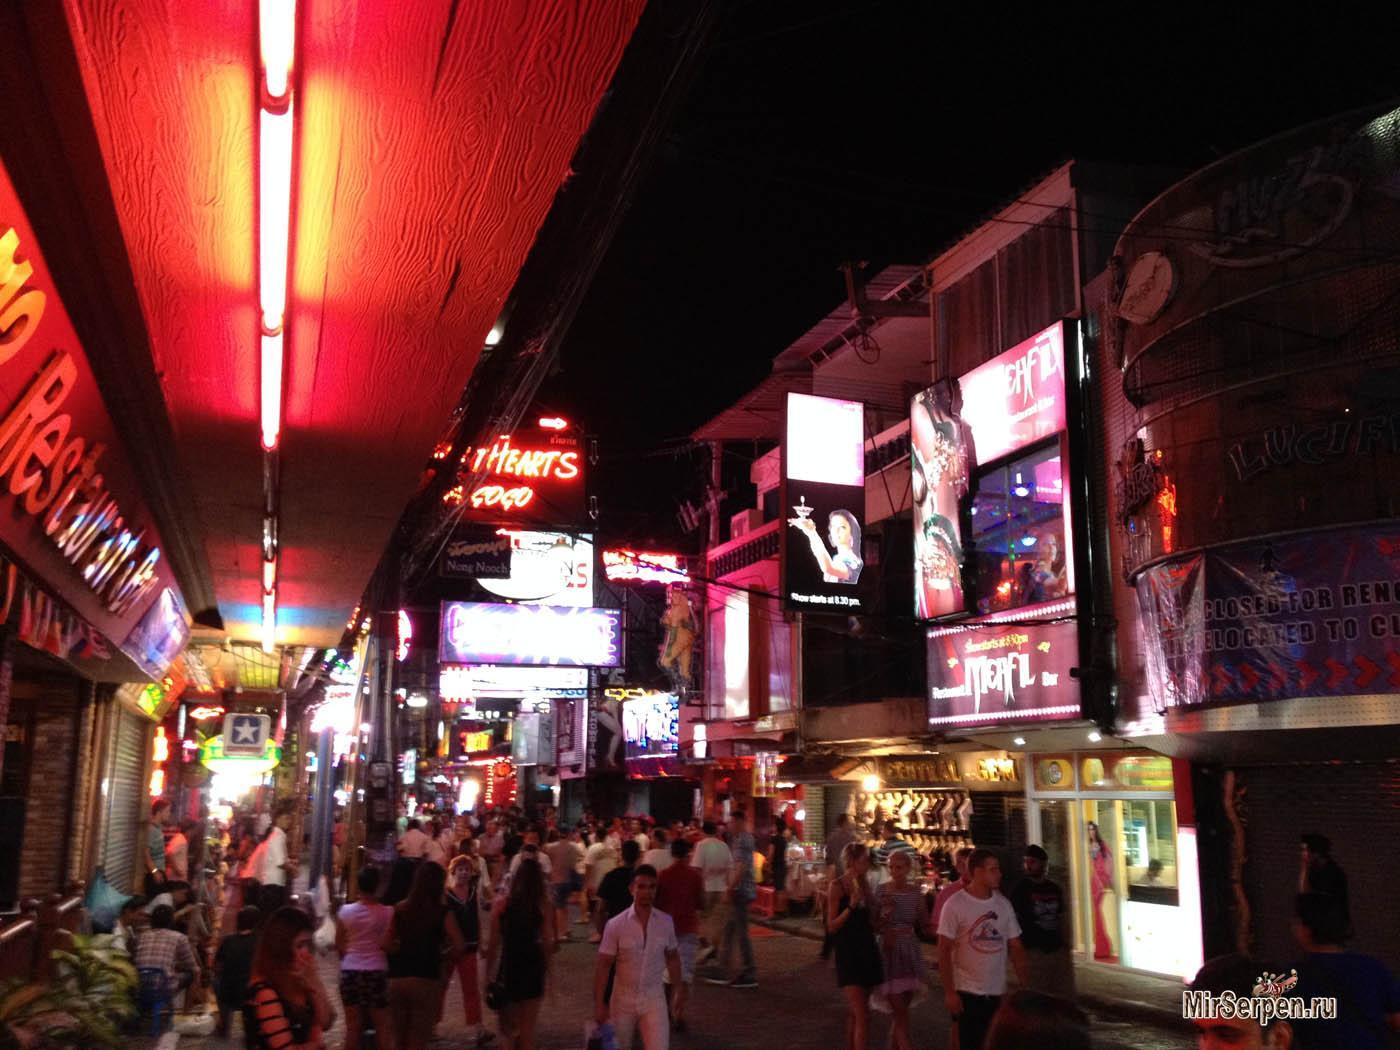 Photo of Мелкое детское мошенничество в туристических кварталах Таиланда